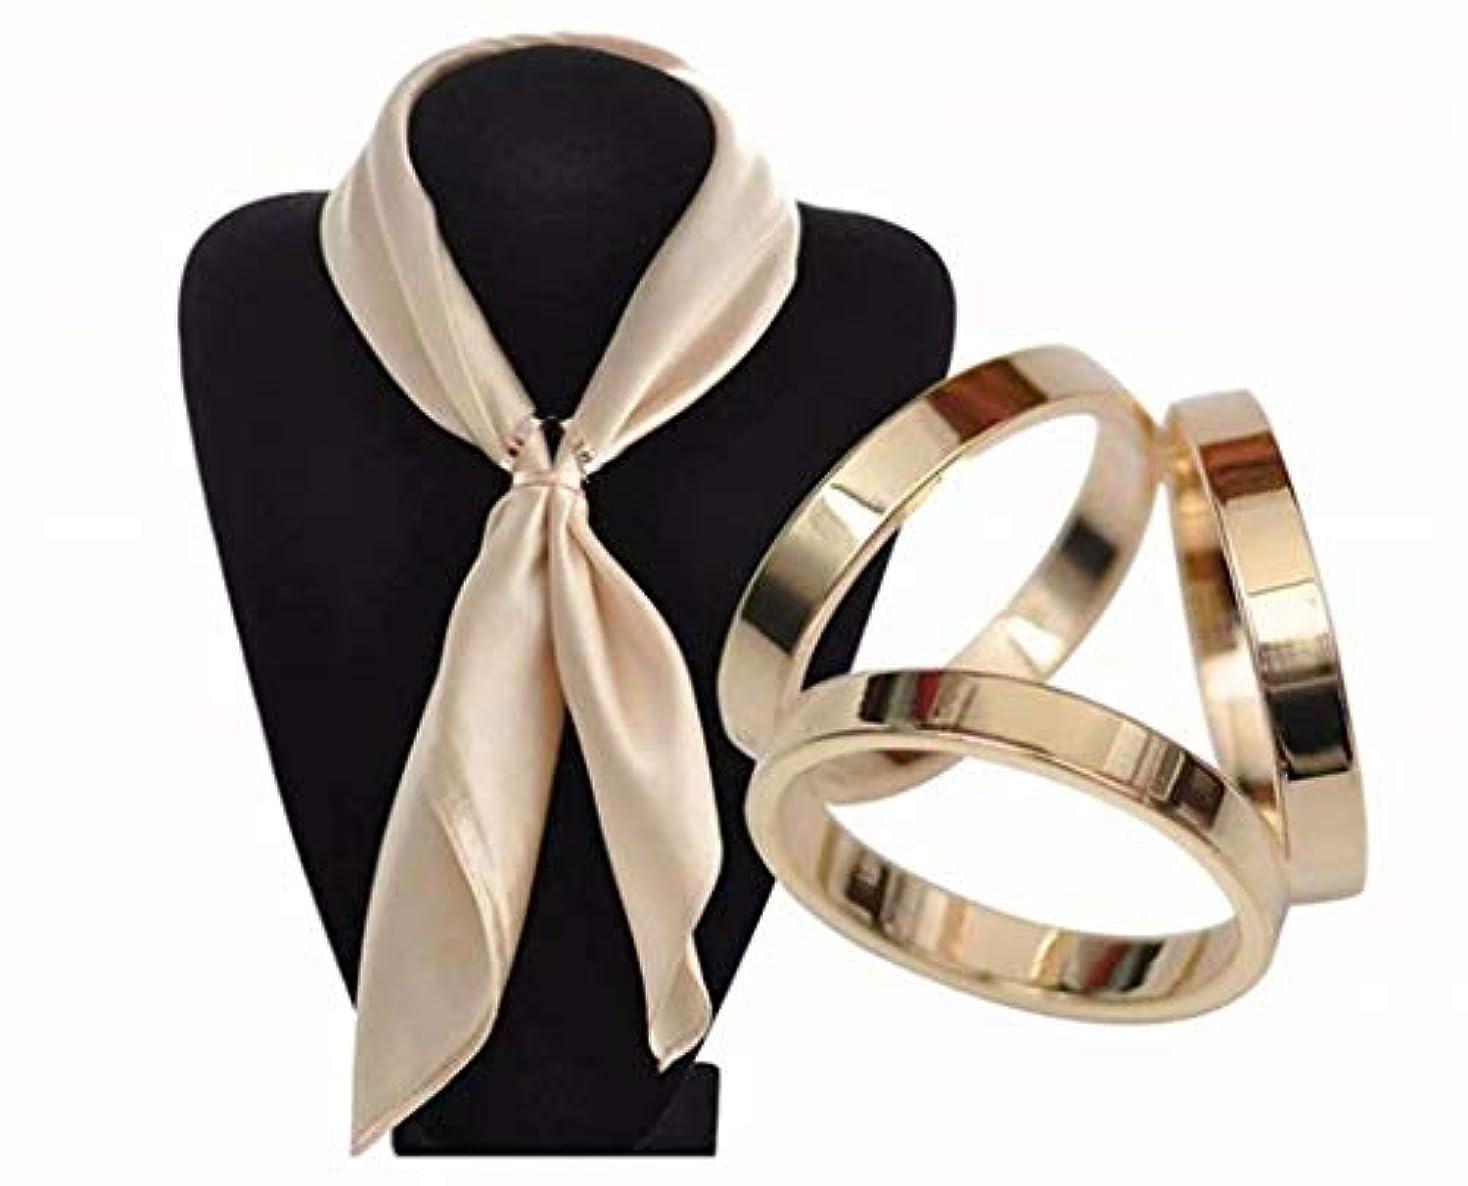 創始者常習者種七里の香 レディース スカーフリング 絹のスカーフ バックル クリップ